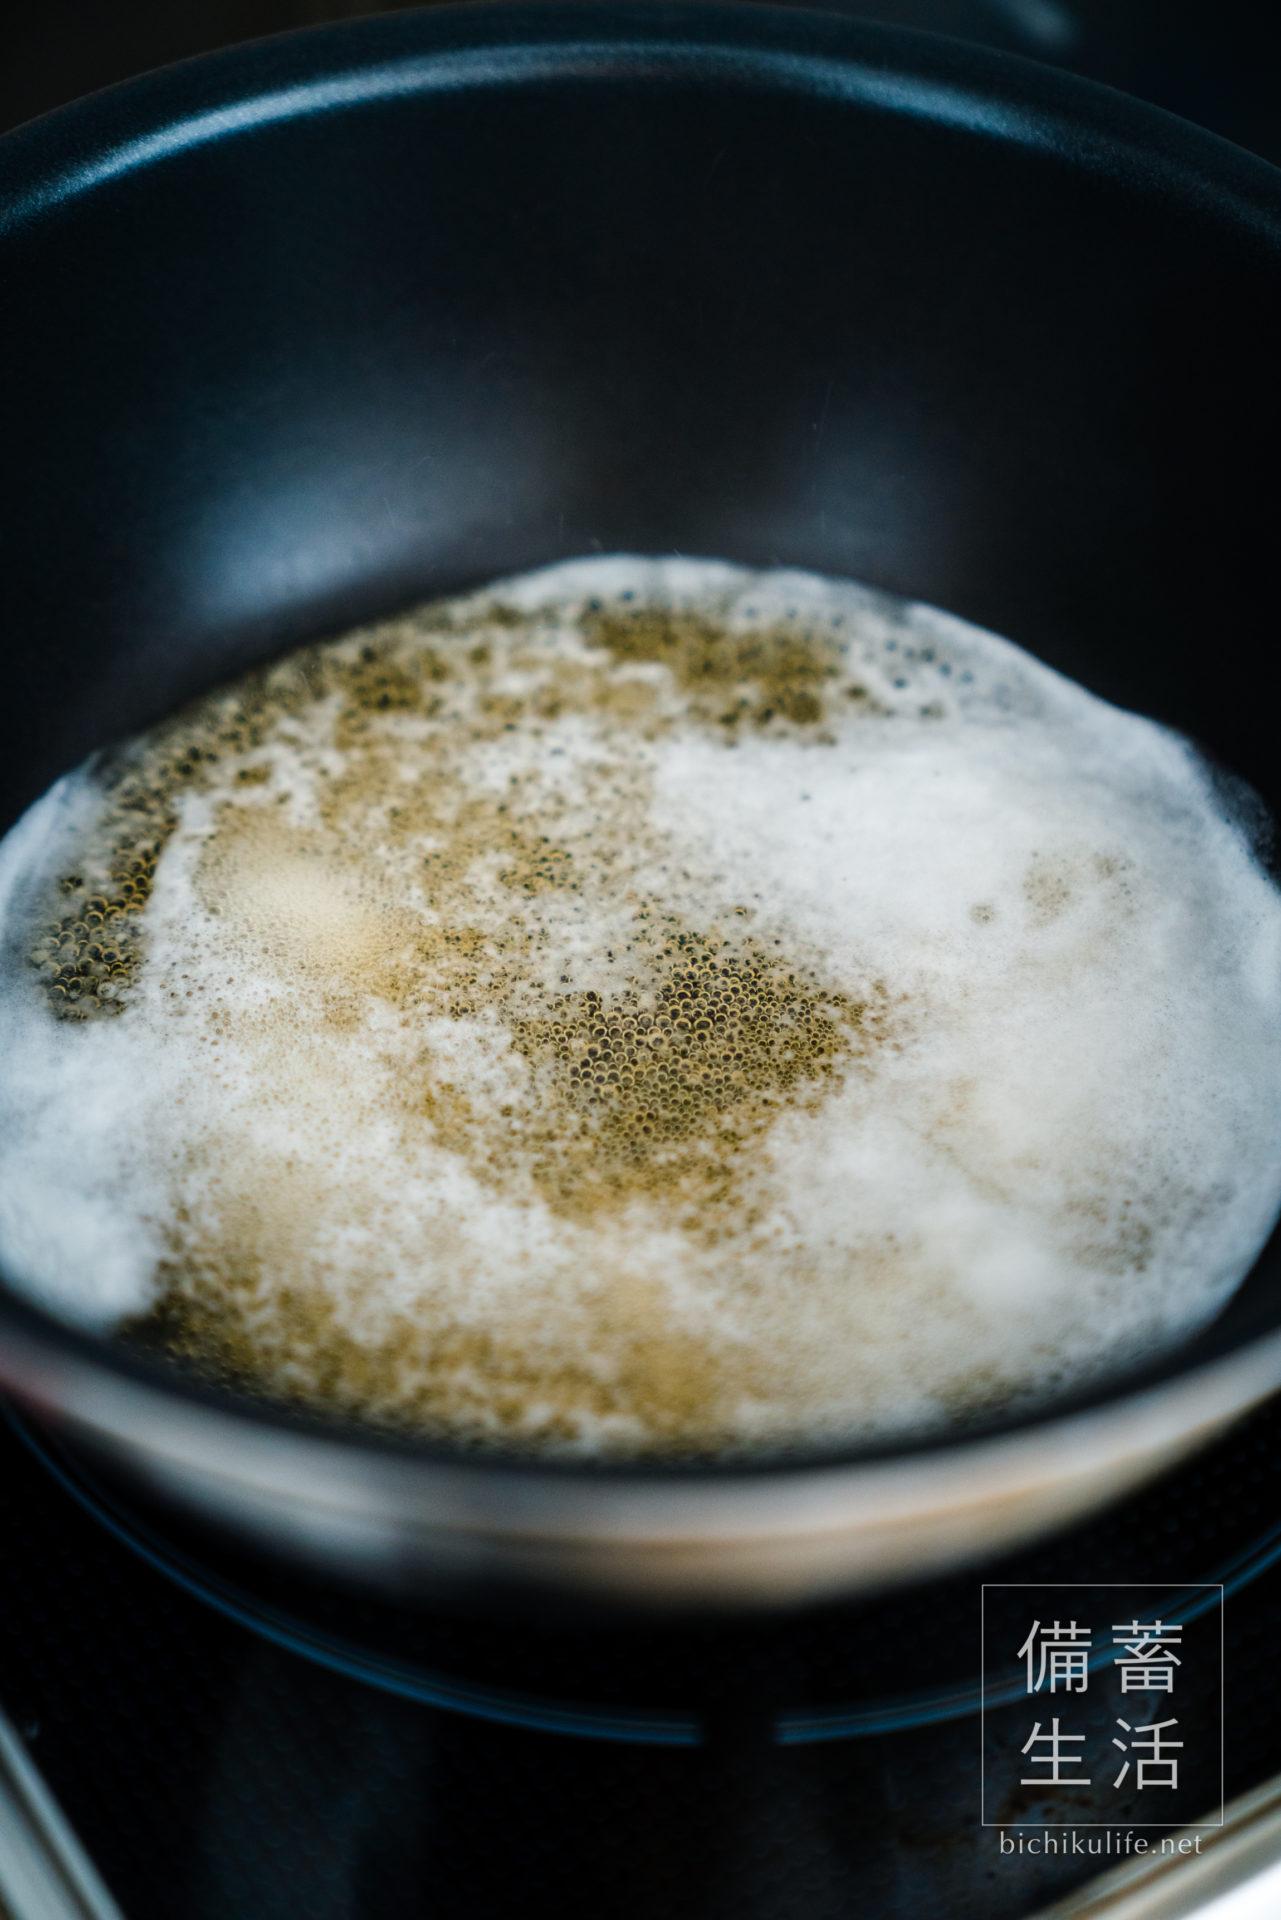 生筋子から仕込む、いくらの醤油漬けの作り方